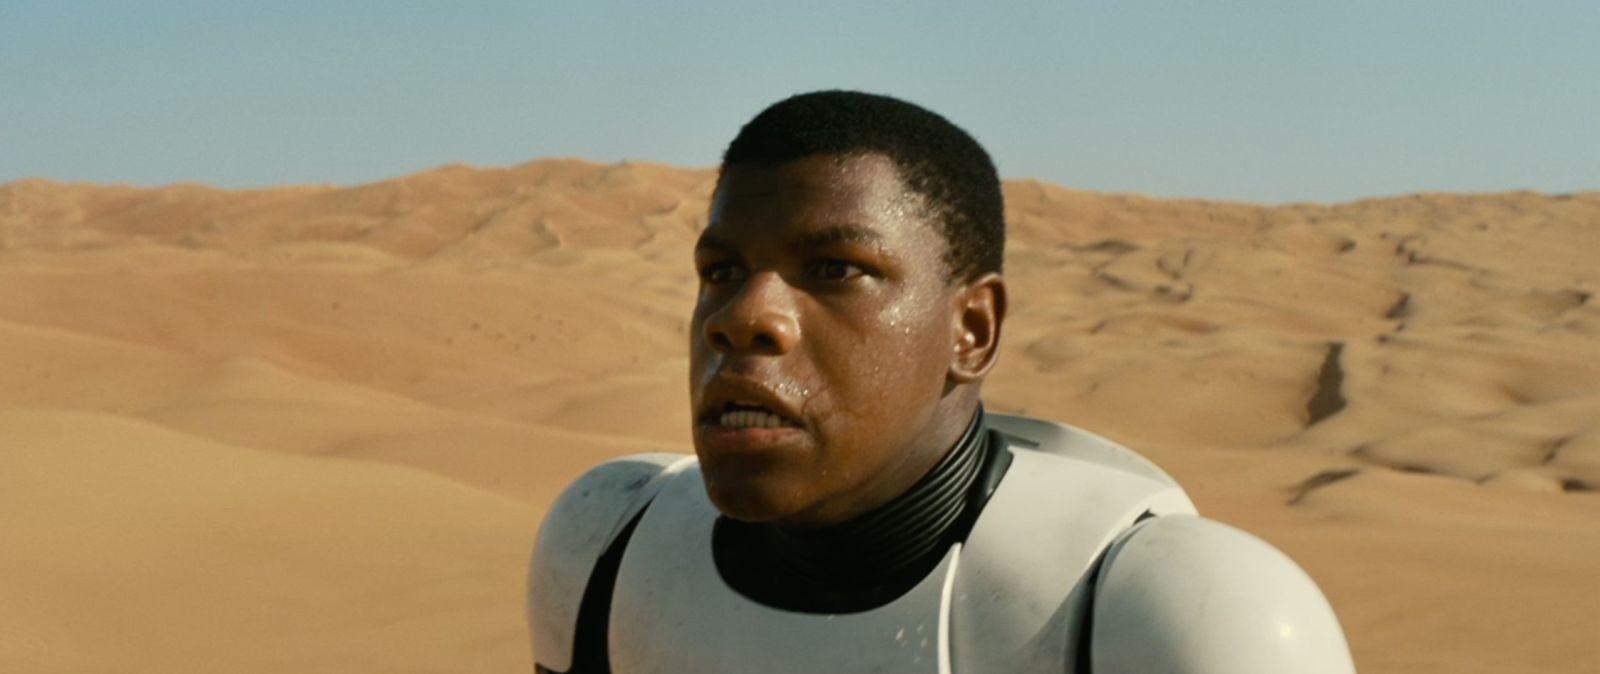 Star Wars: Il risveglio della forza, un intenso primo piano di John Boyega